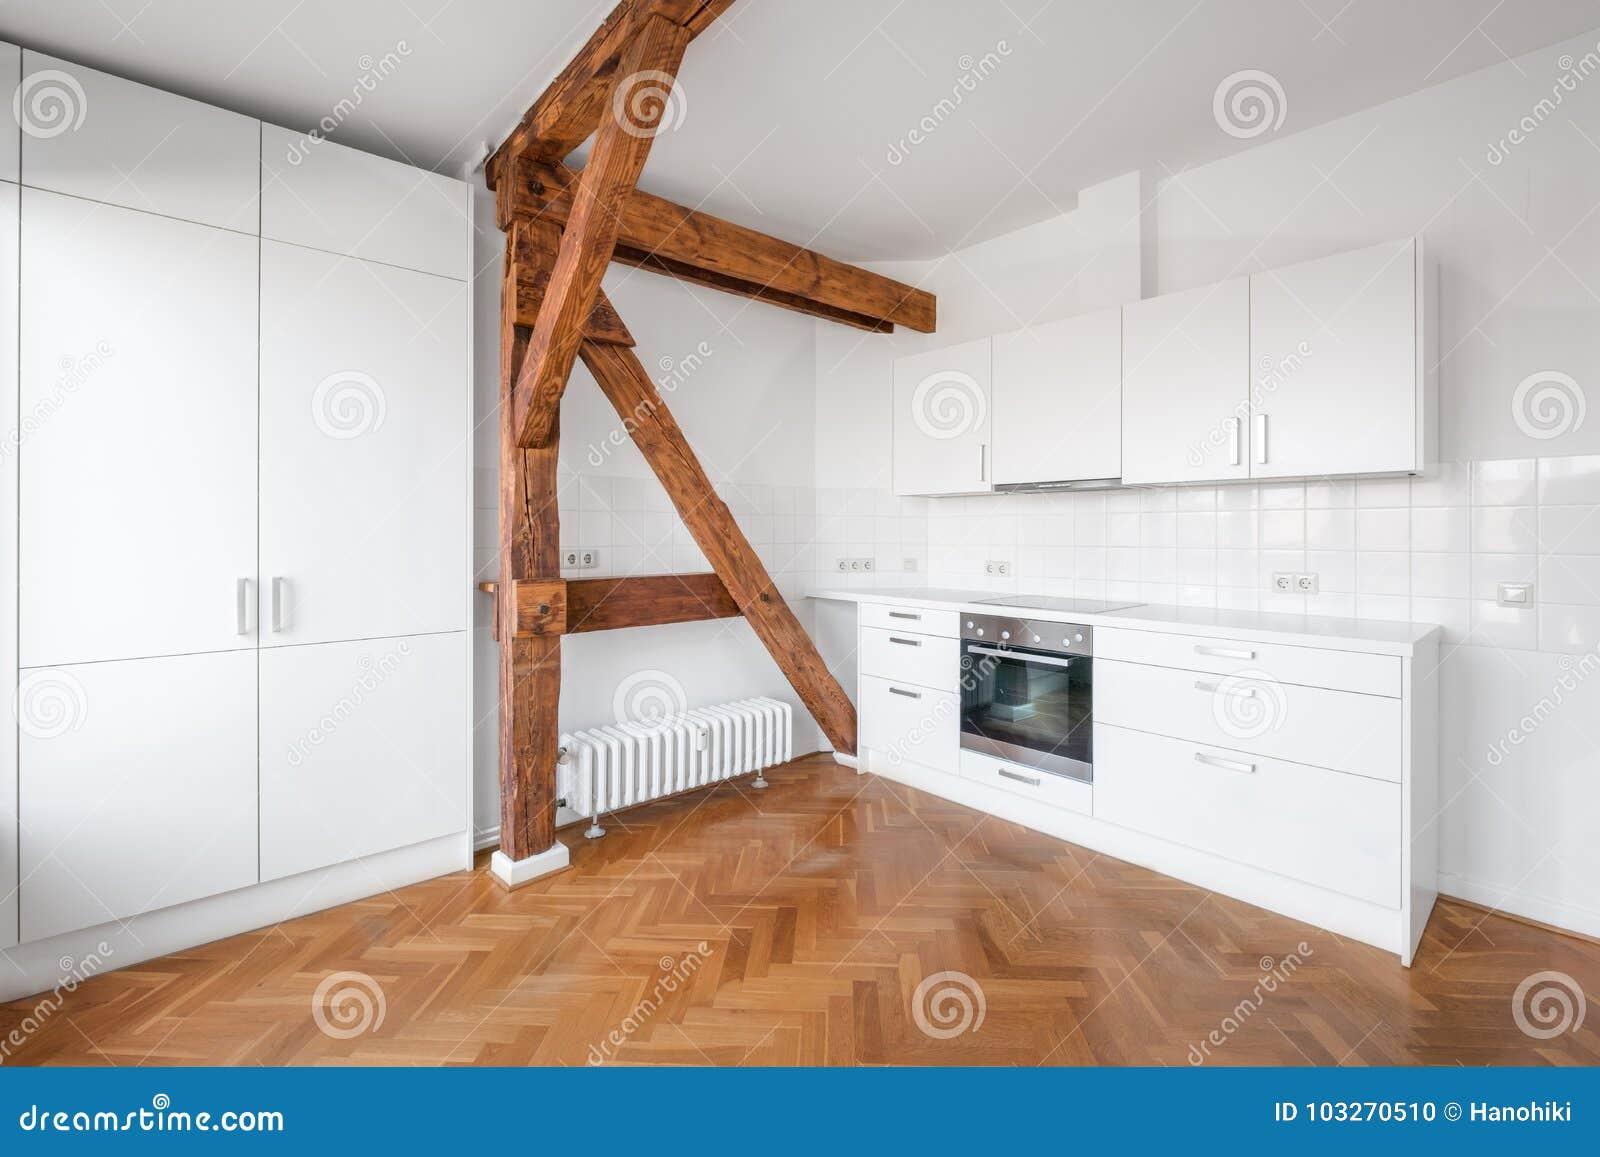 Cuisine Blanche Moderne Dans L Appartement Terrasse Plat Avec Le